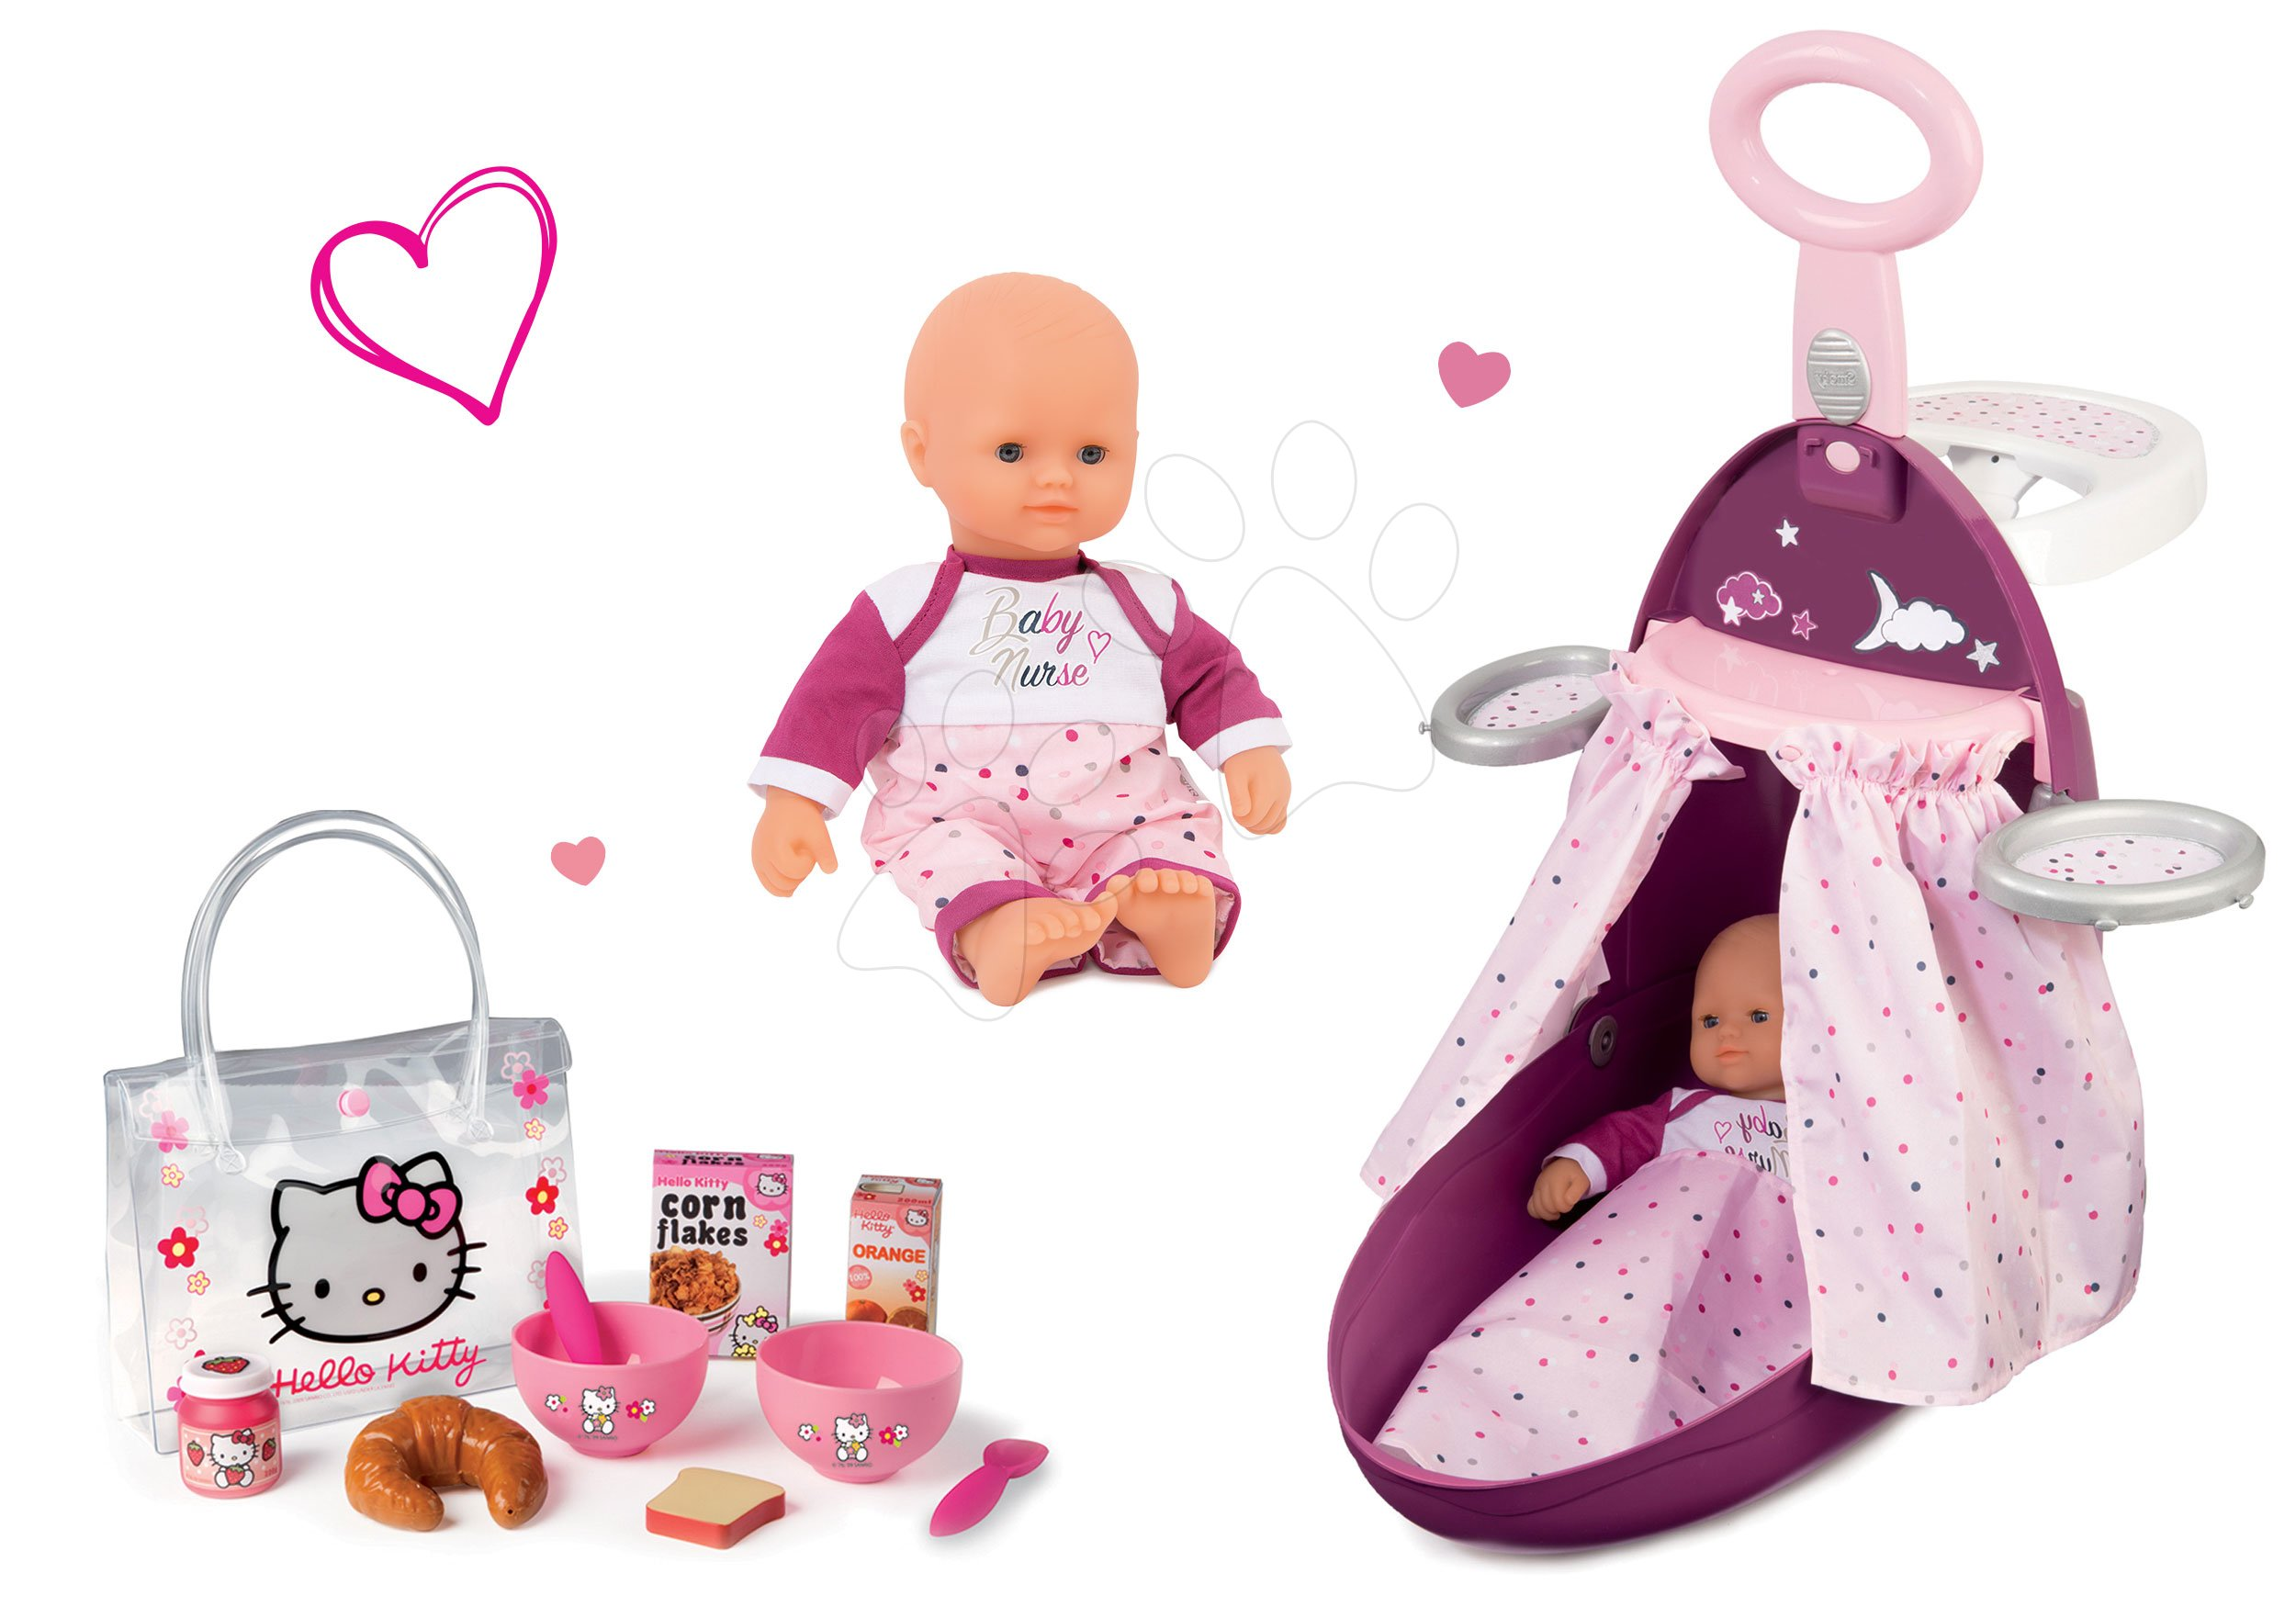 Set přebalovací vozík Baby Nurse Zlatá edice Smoby s postýlkou, panenka 32 cm, snídaňová sada Hello Kitty od 18 měsíců